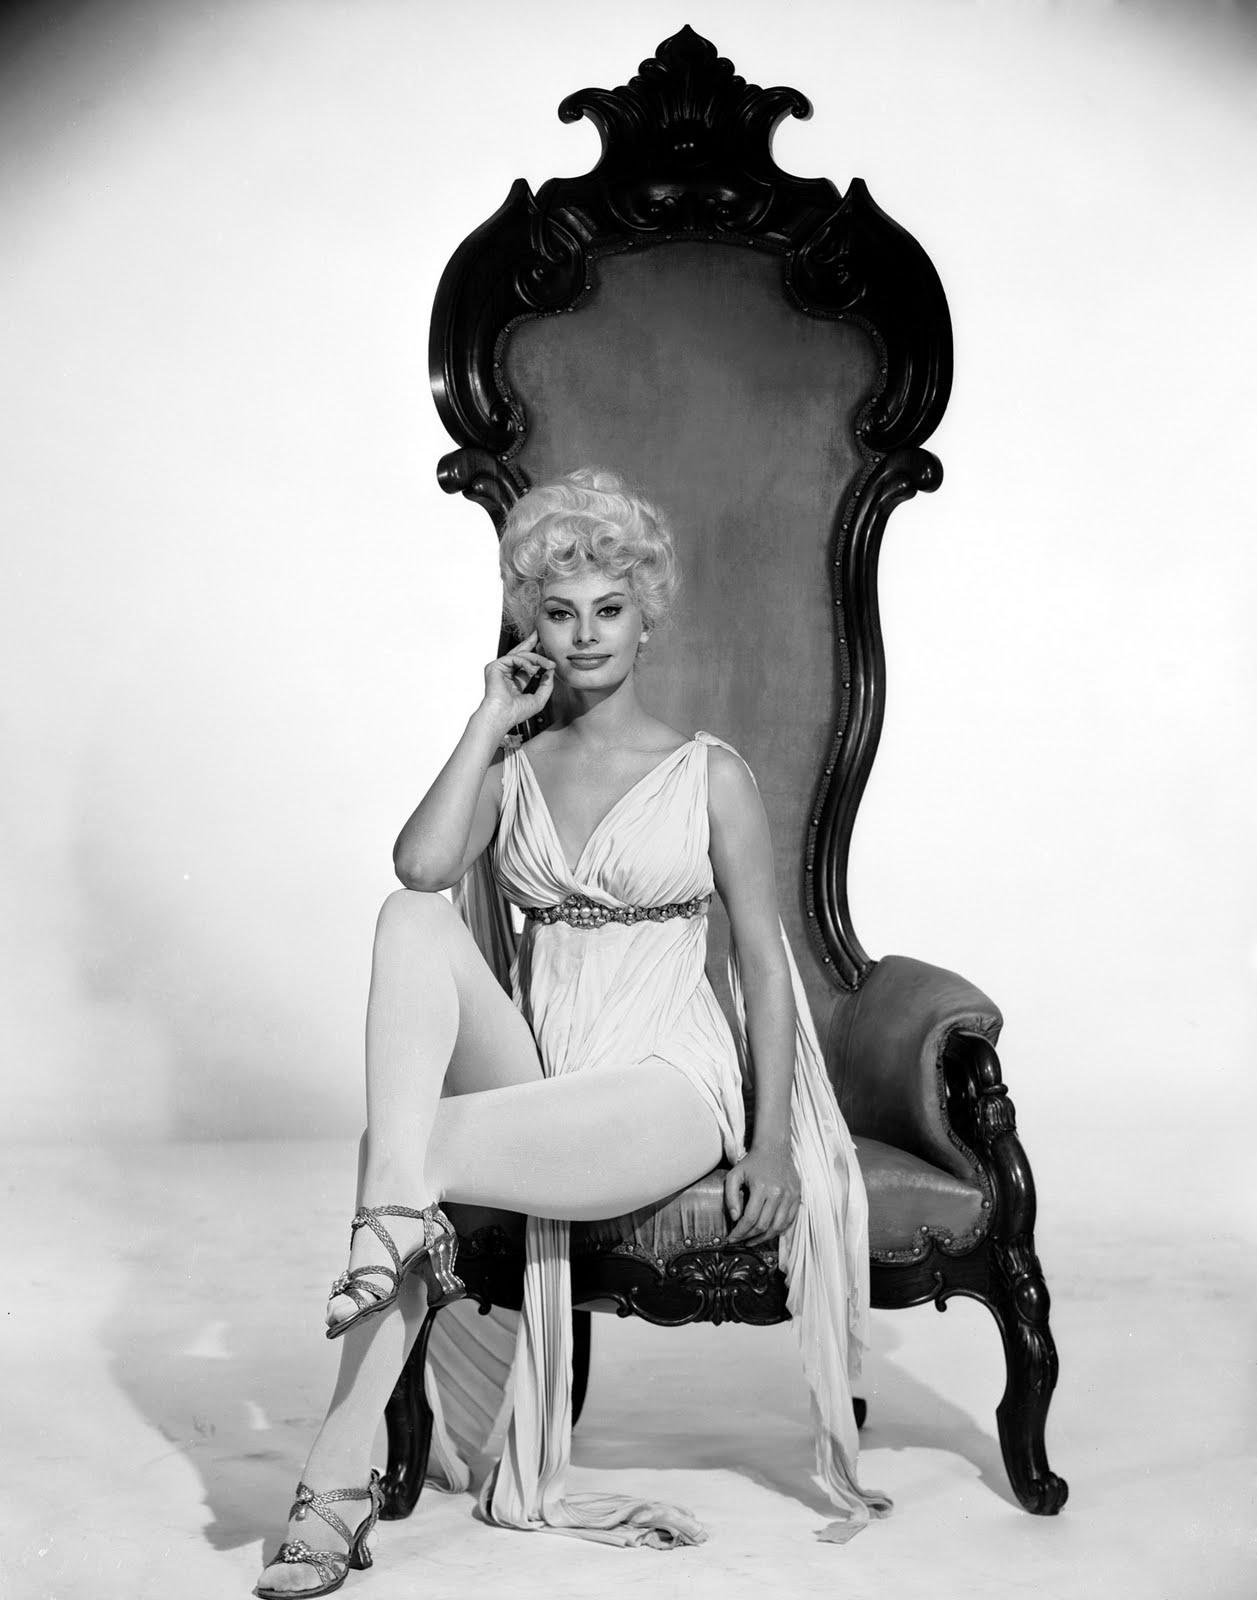 http://2.bp.blogspot.com/-ZdvvphEF7lc/TfpruNGO7-I/AAAAAAAACYw/8rEdL2Q9D2s/s1600/Sophia_Loren__1960_by_foltl.jpg